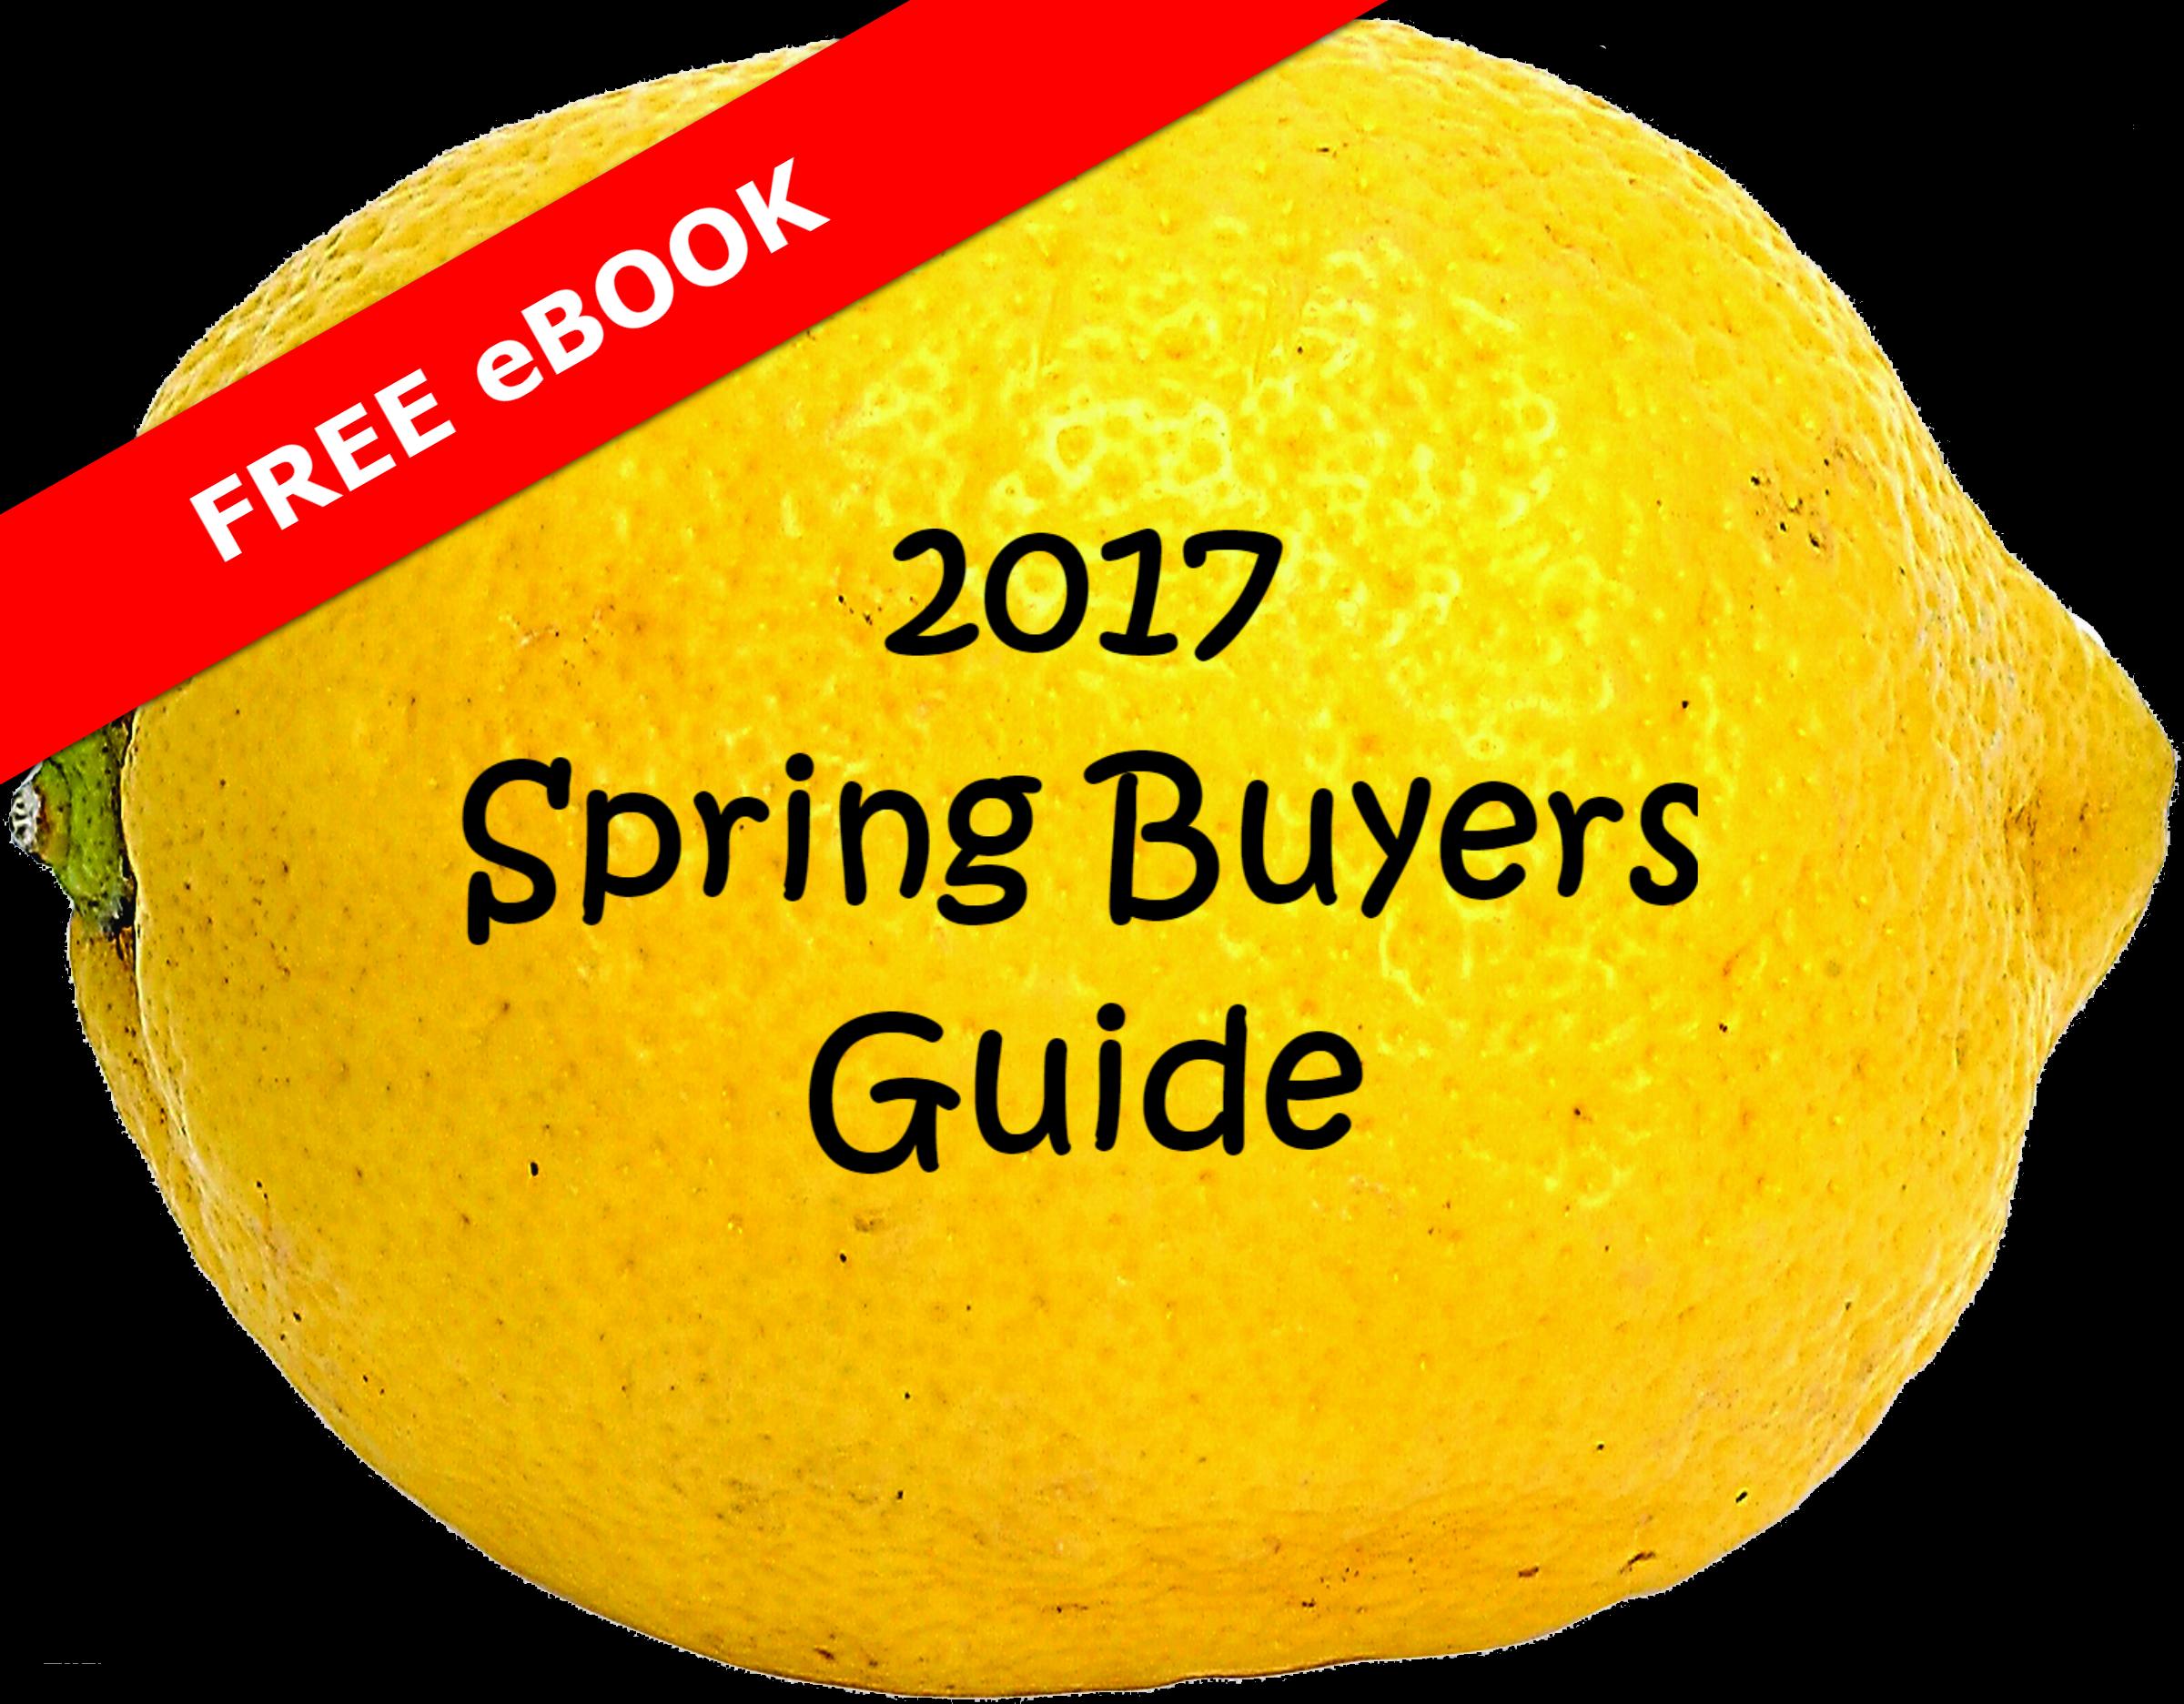 2017 Spring Buying Guide